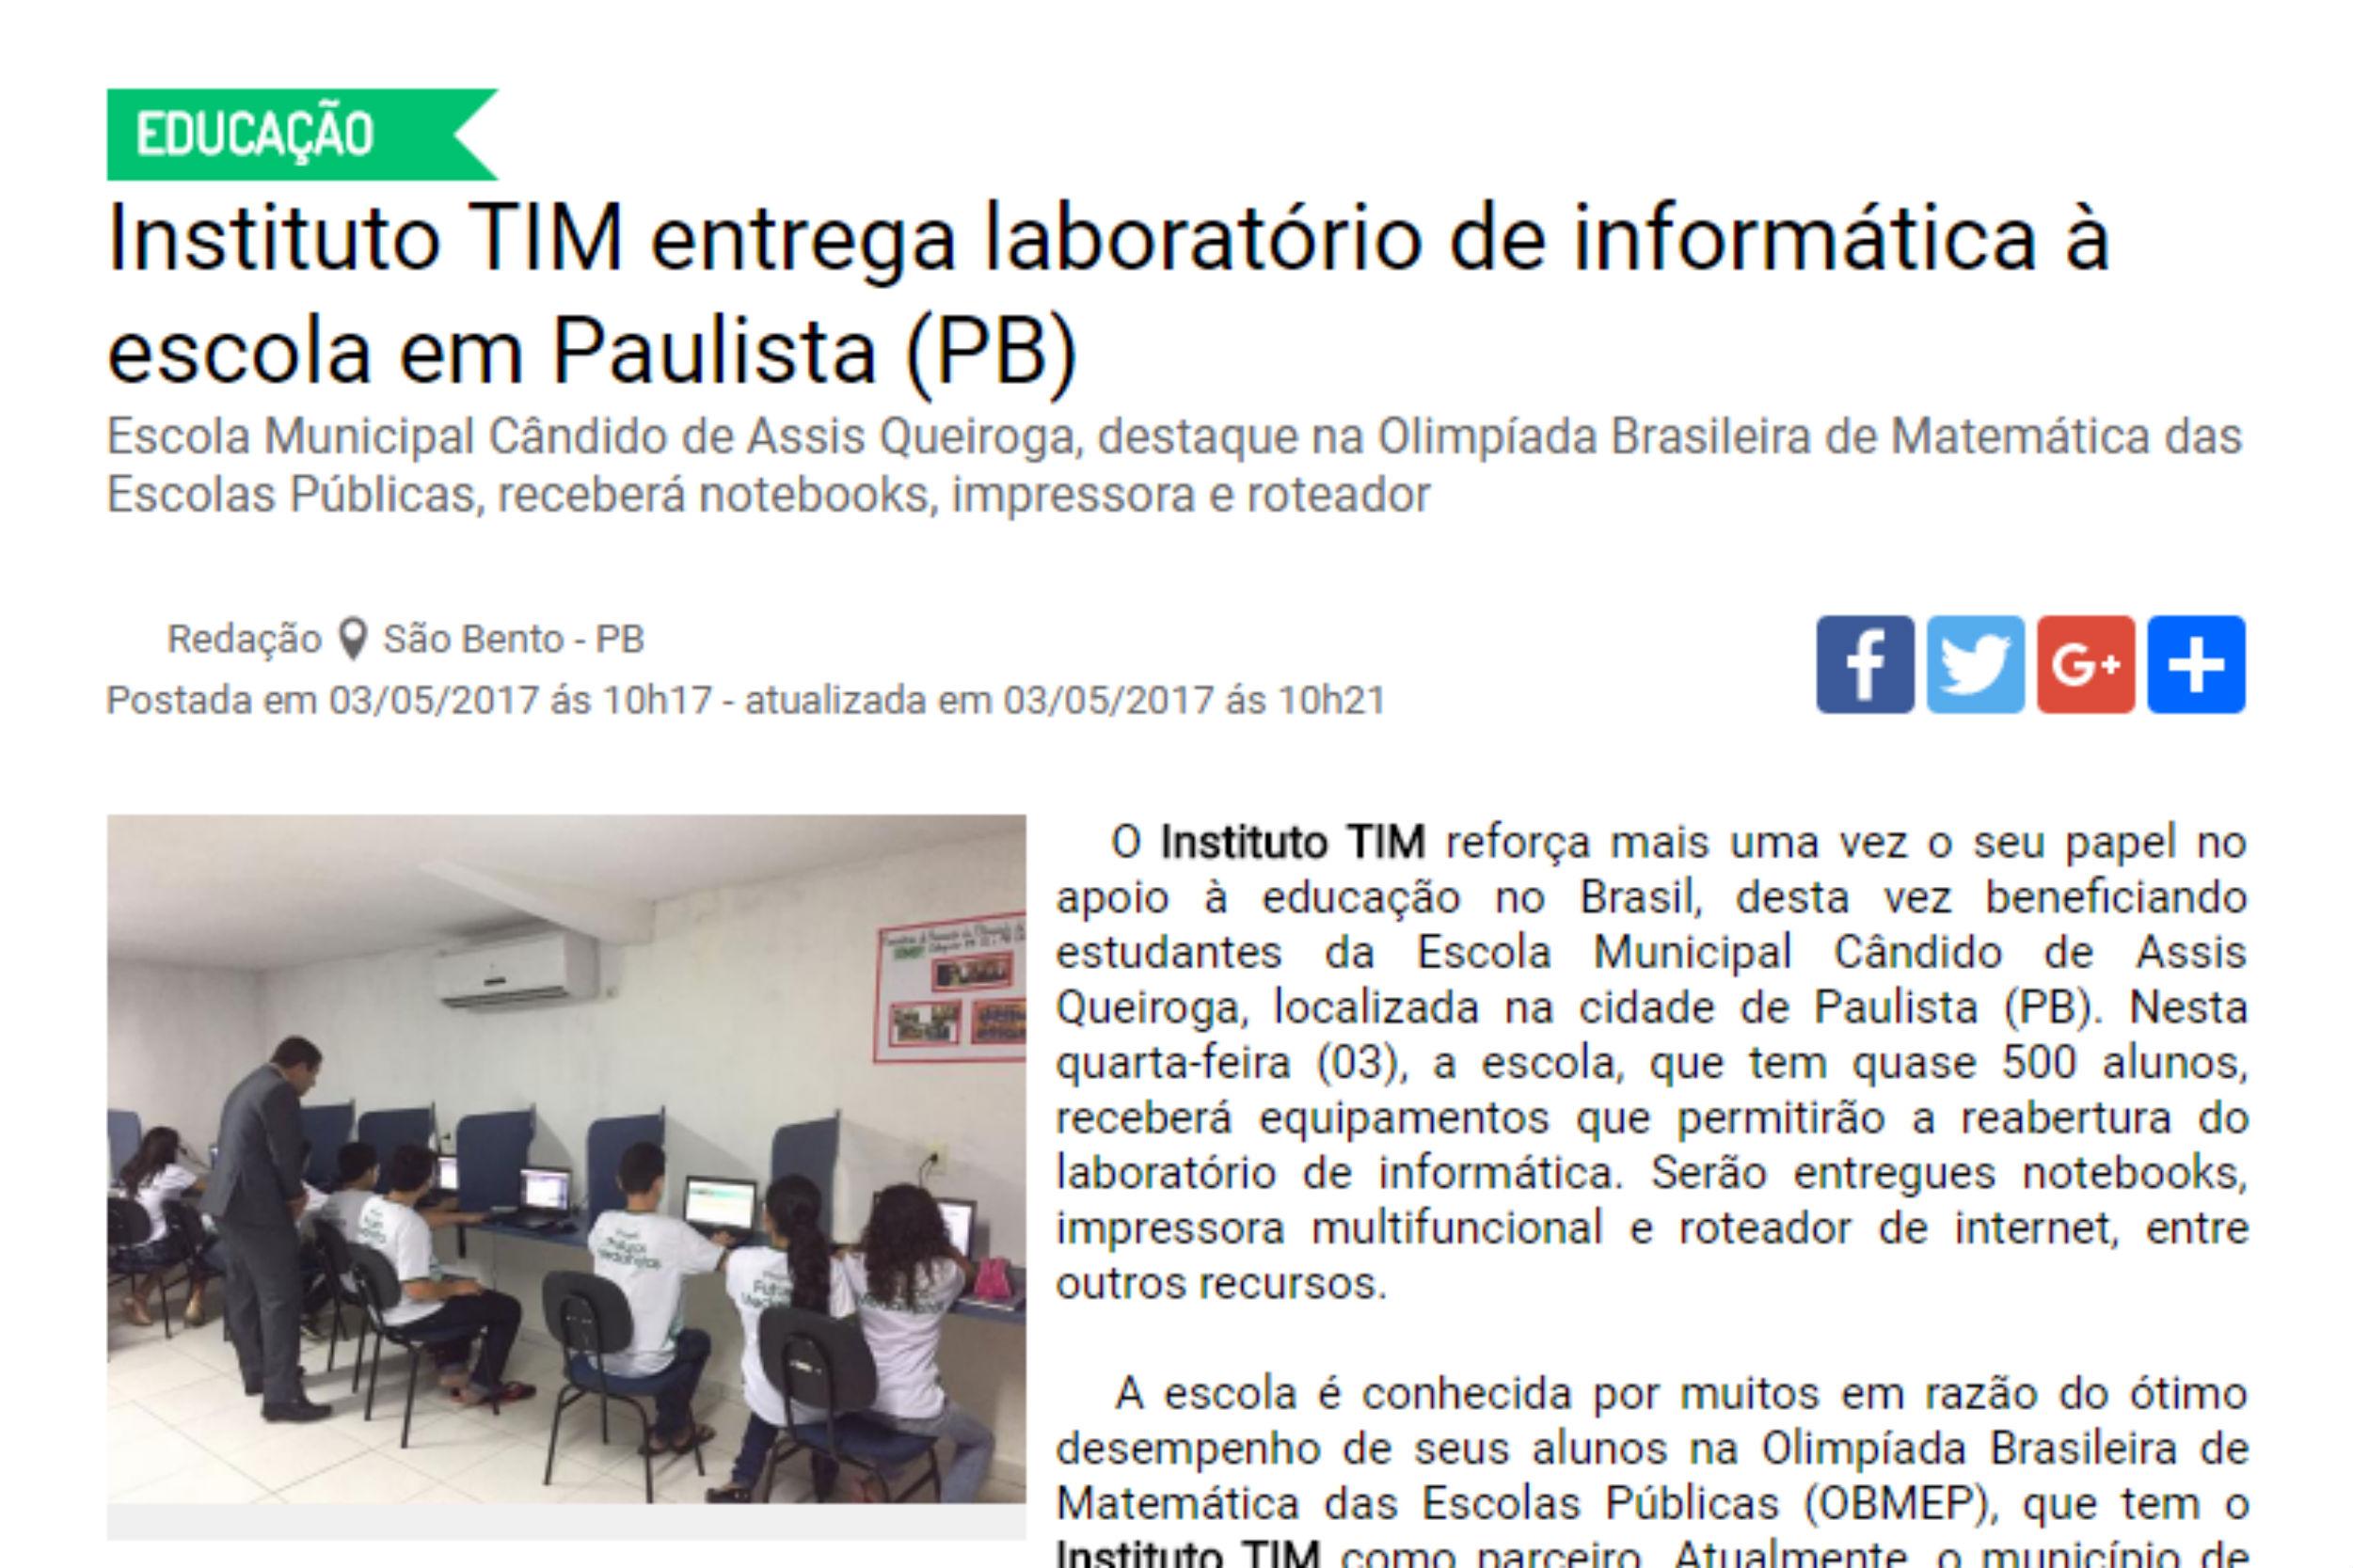 03_05_2017-instituto-tim-entrega-laboratorio-de-informatica-a-escola-em-paulista-pb-imagem-destacada